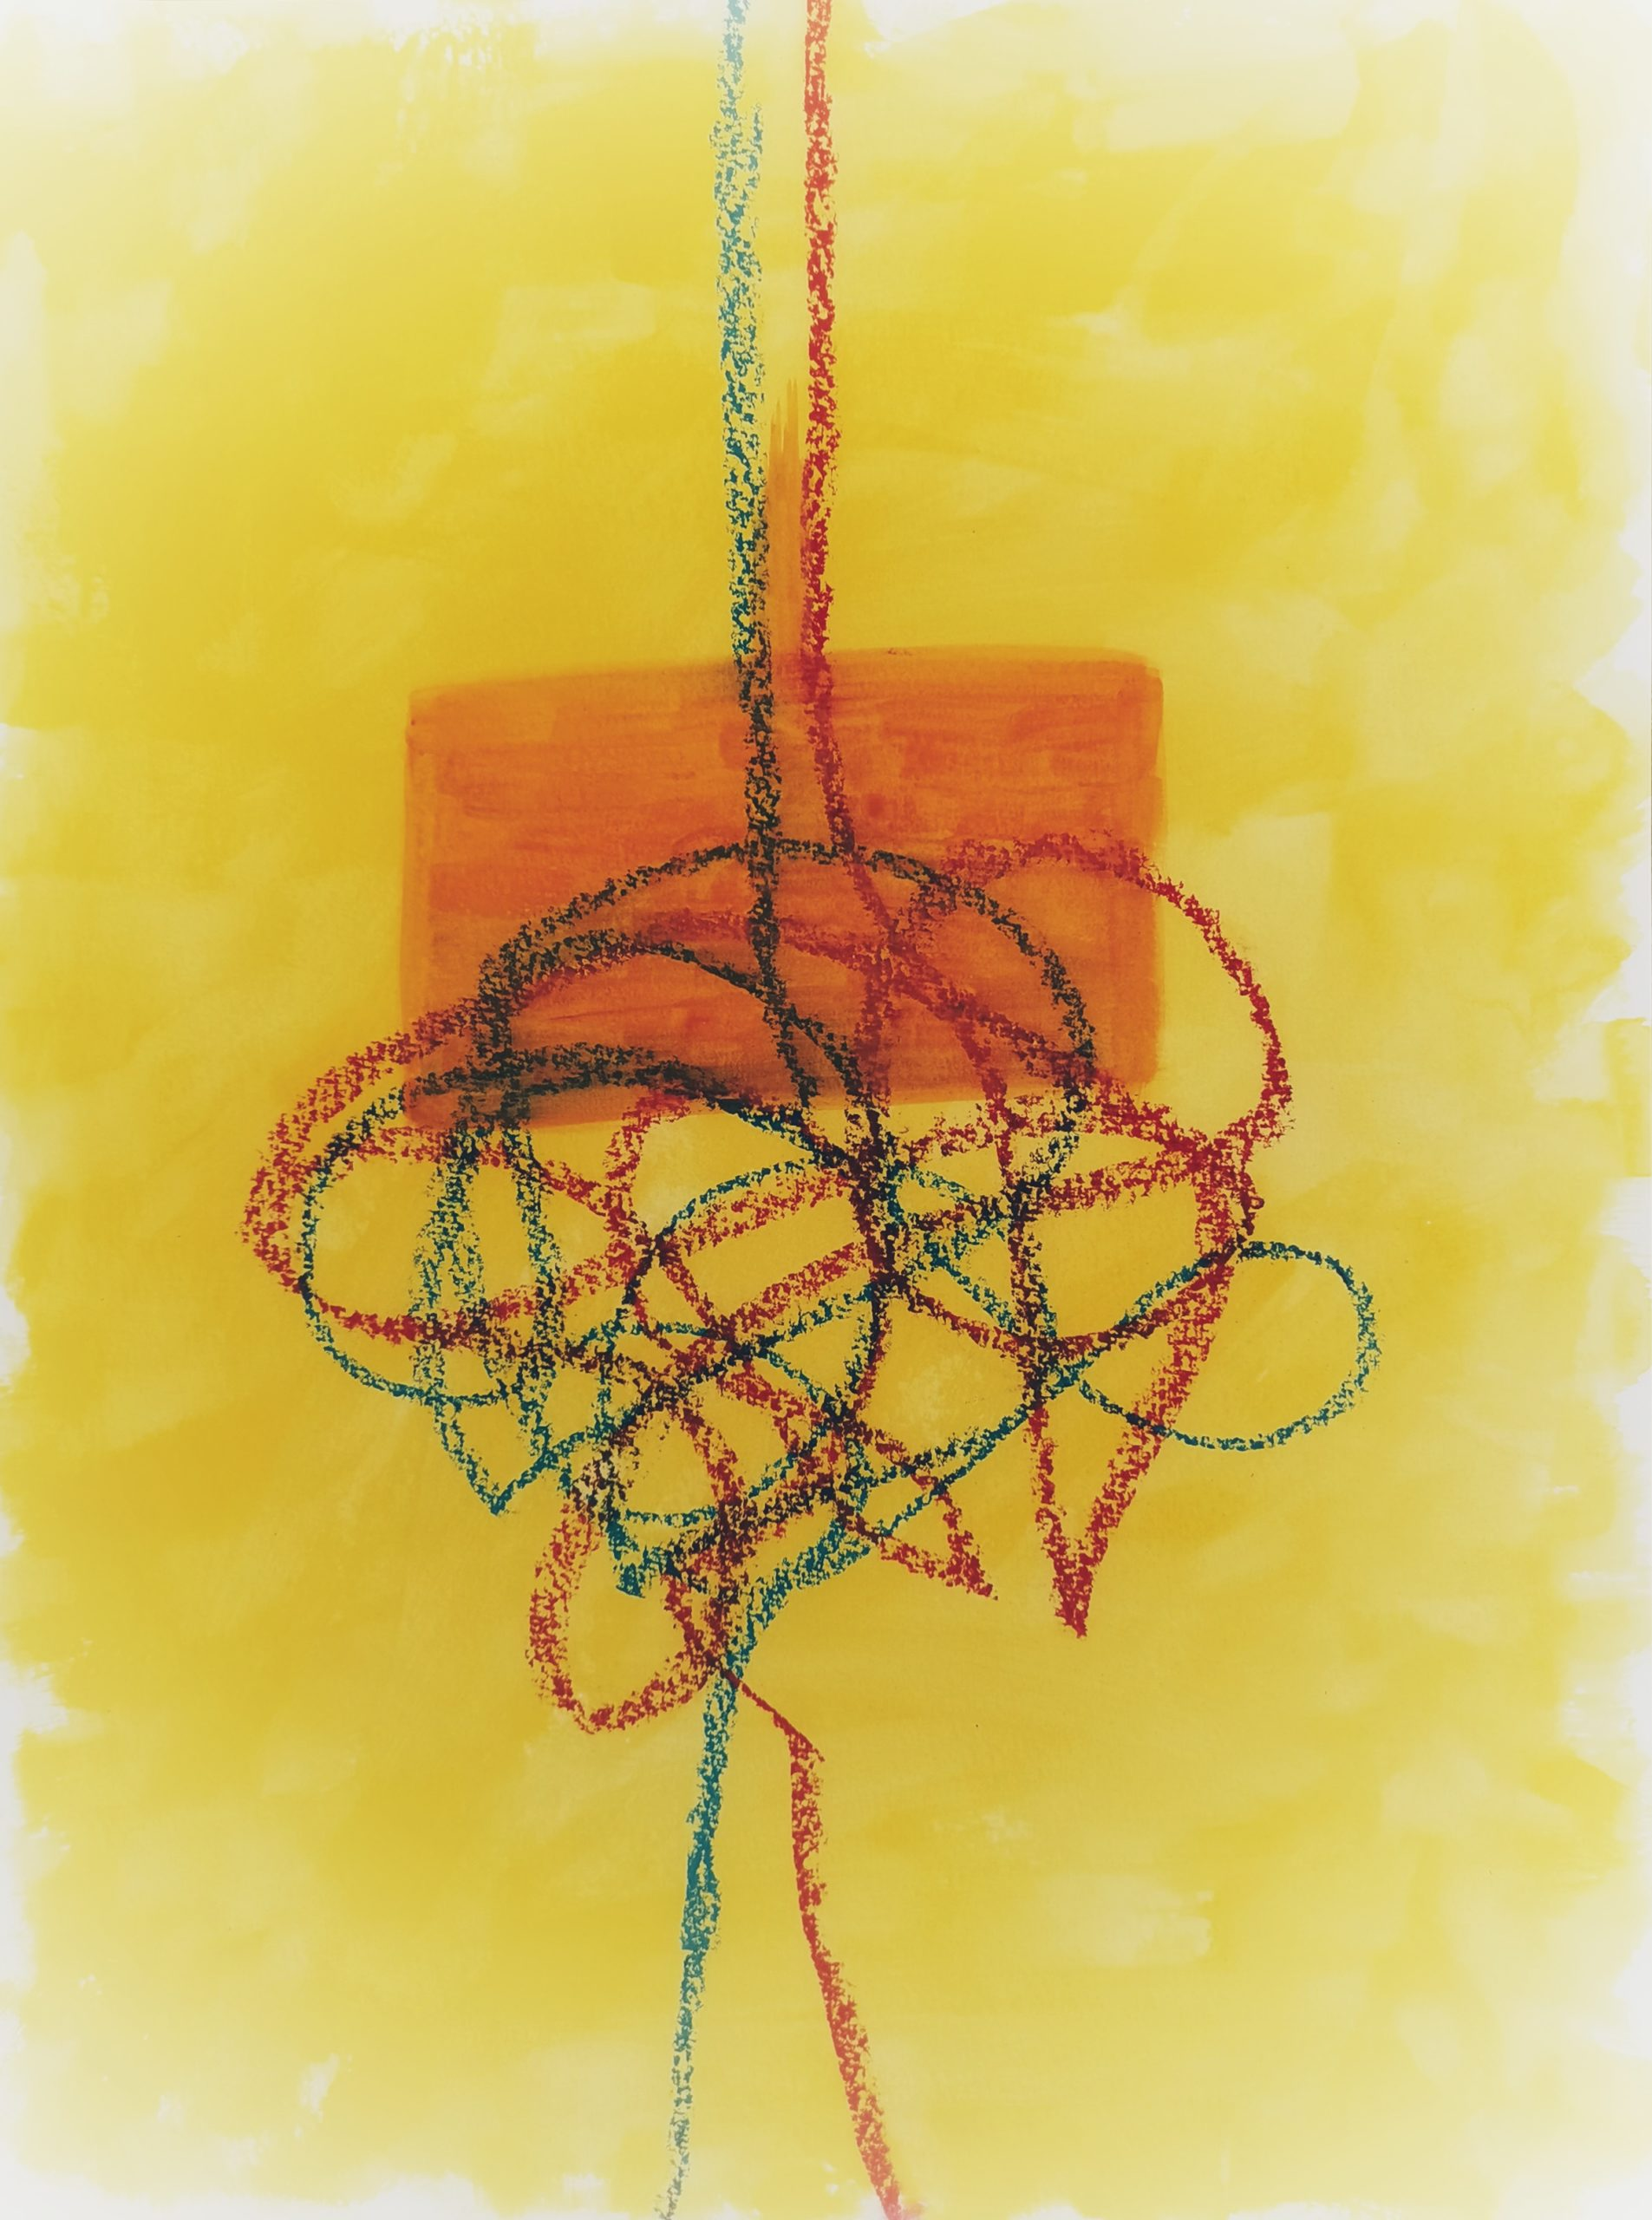 zwei Striche laufen auf gelbem Hintergrund von unten nach oben, verschwimmen in einem Knoten, darauf ist ein oranges Viereck gesetzt, aus dem die Striche wieder gelöst nebeneinander weiterlaufen